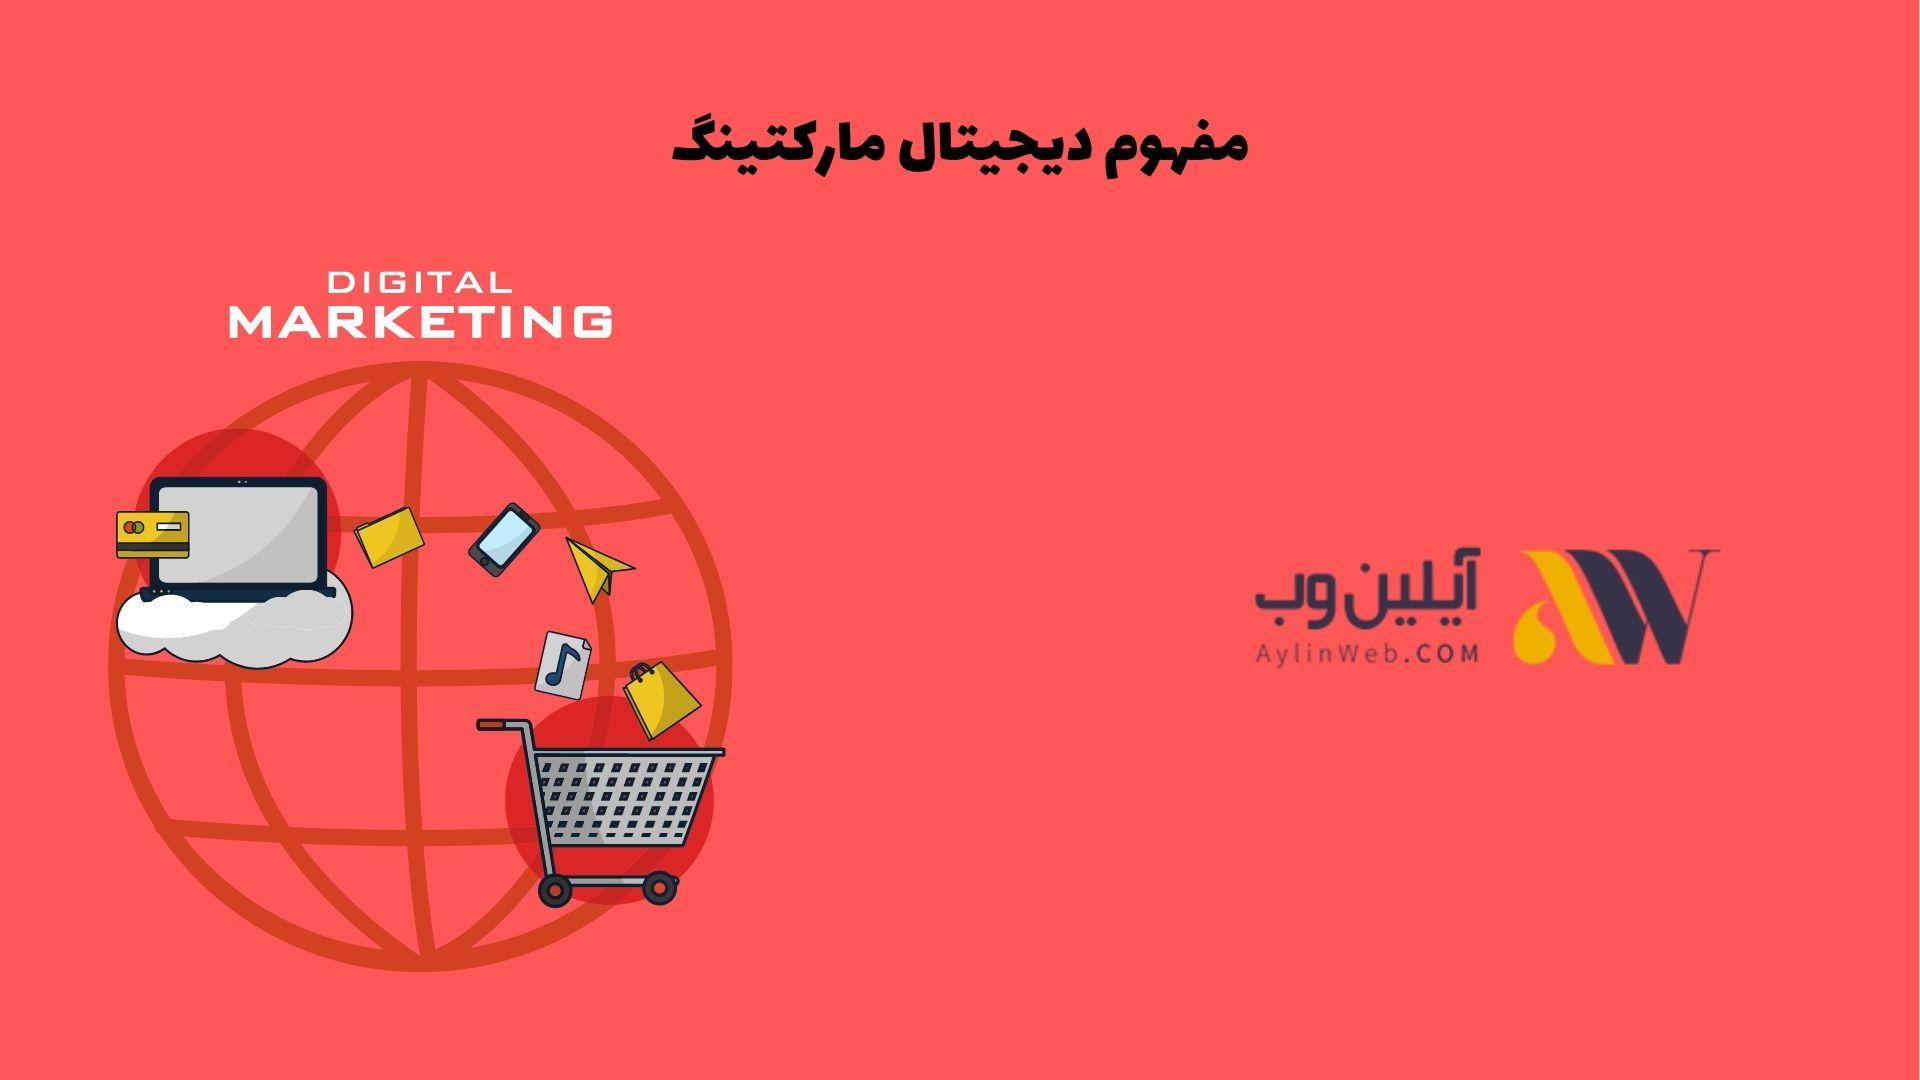 مفهوم دیجیتال مارکتینگ